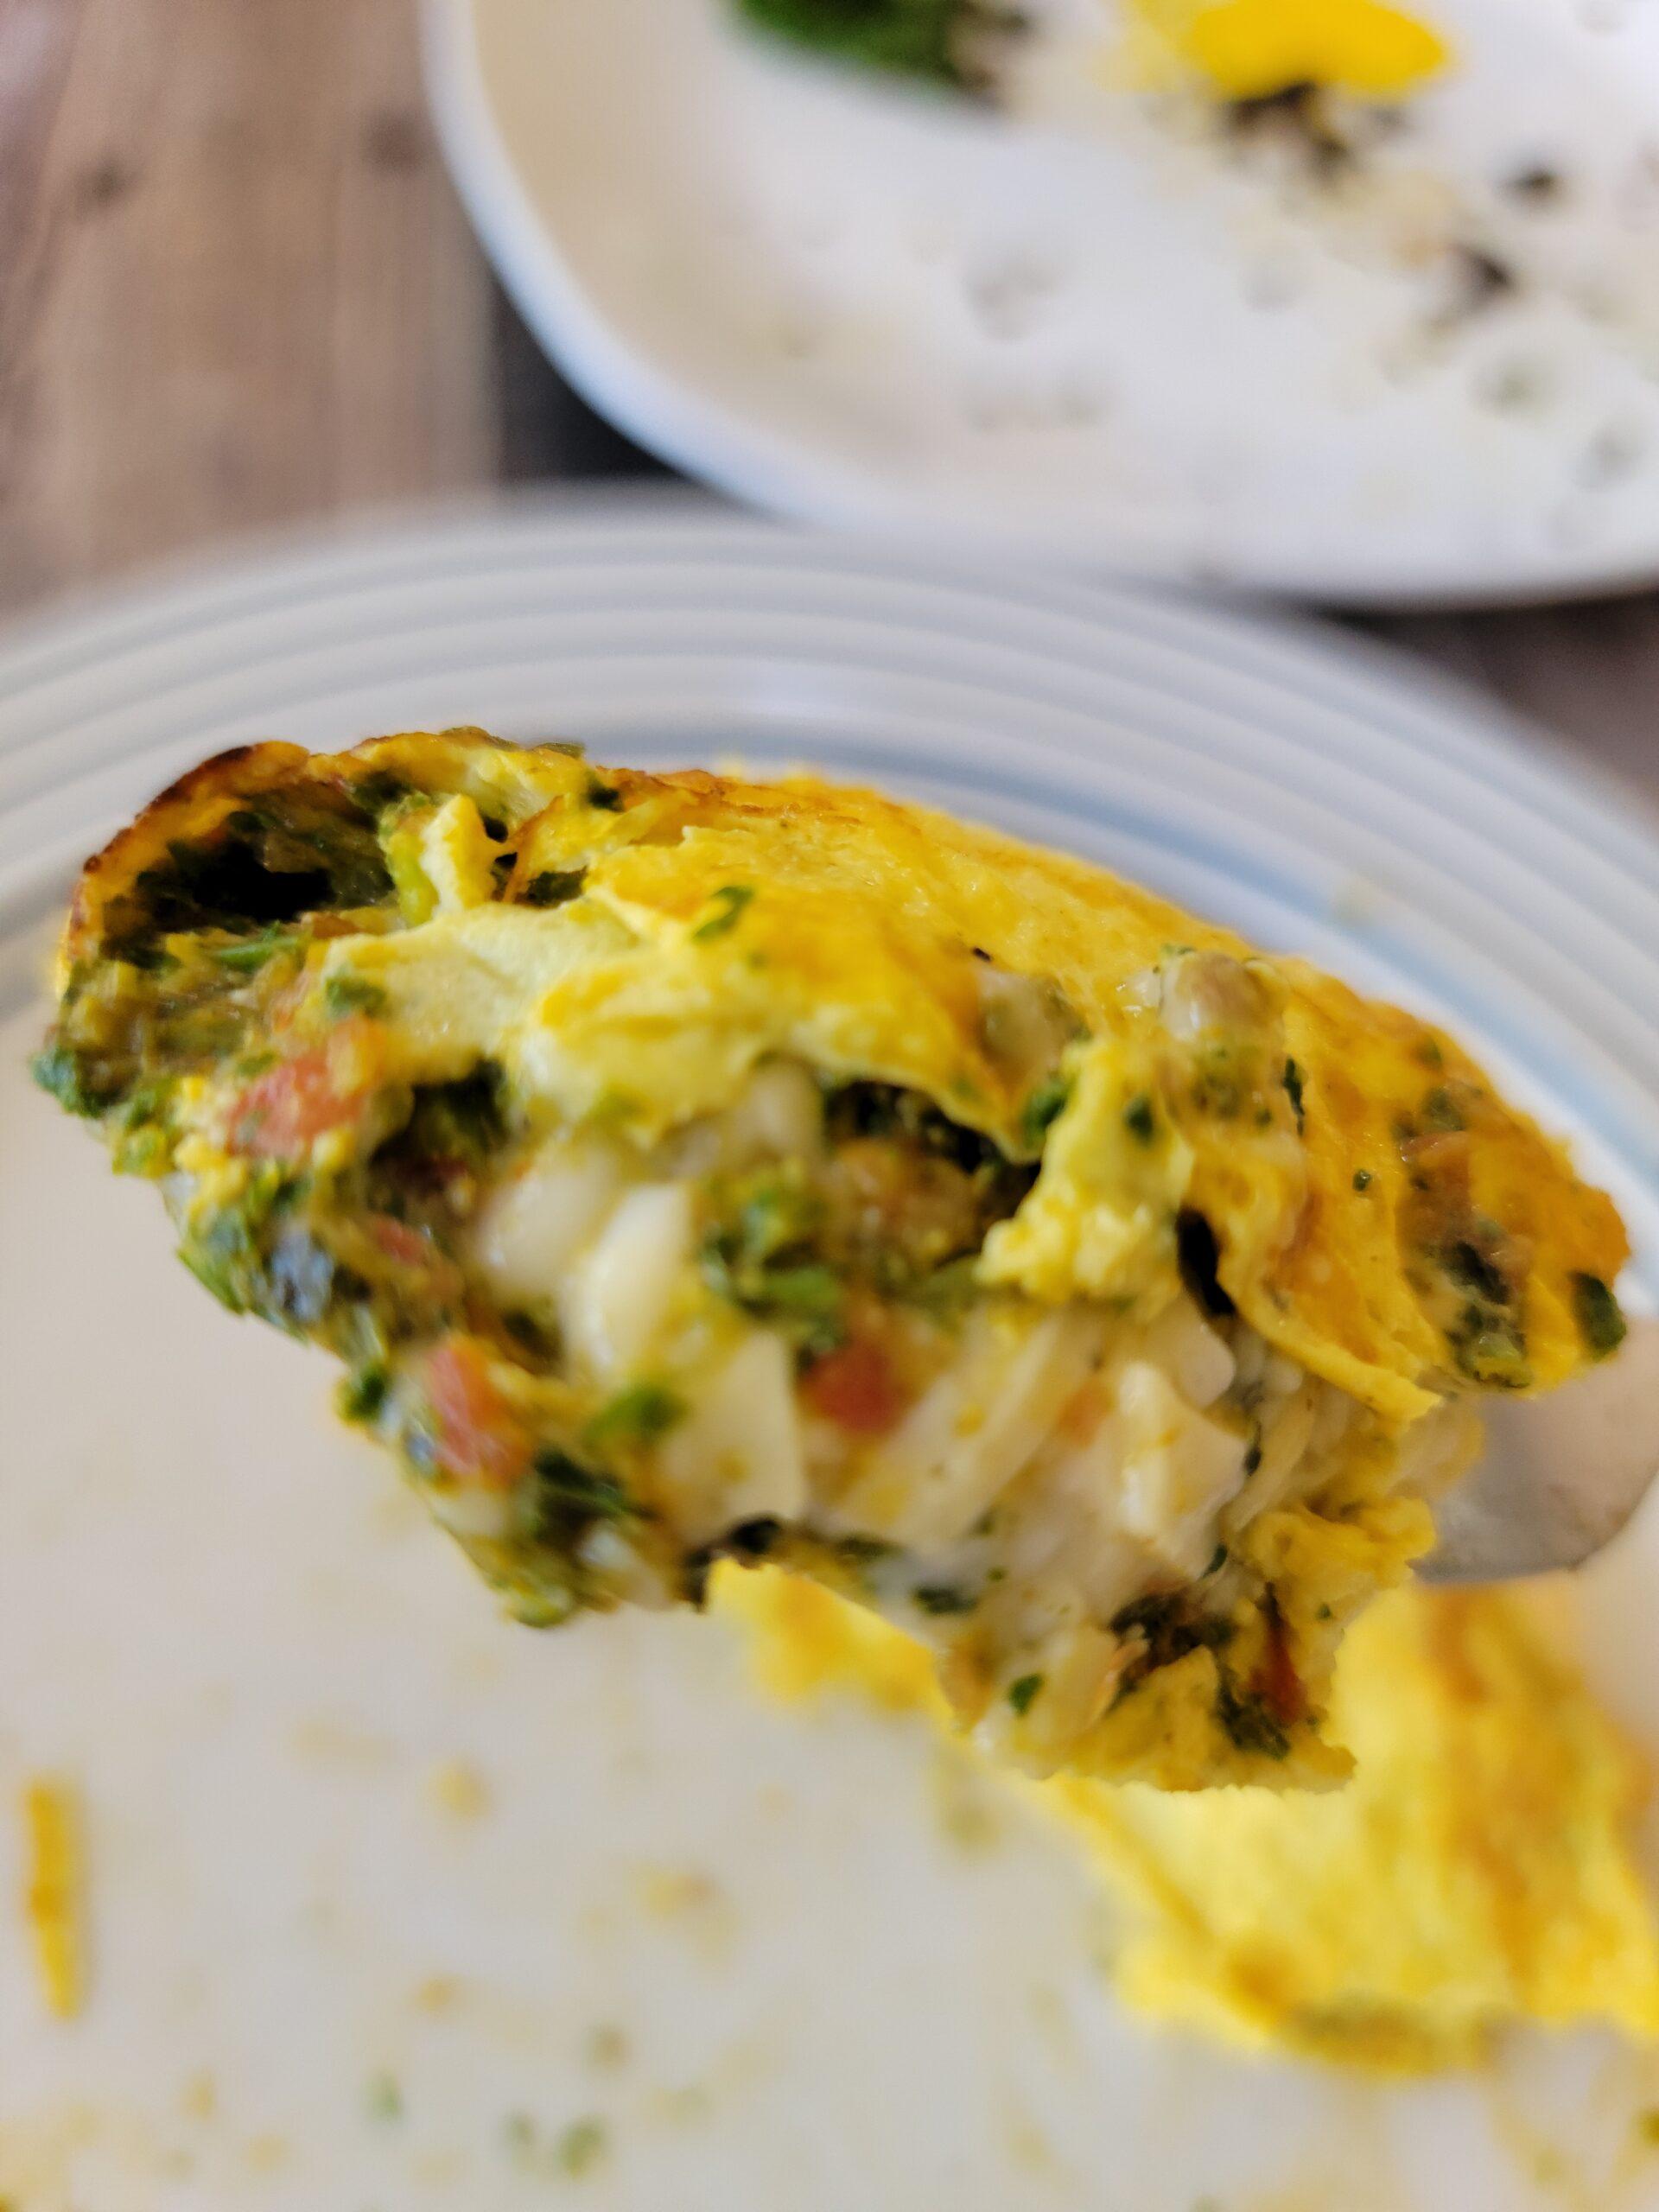 The inside of my favorite pesto omelet